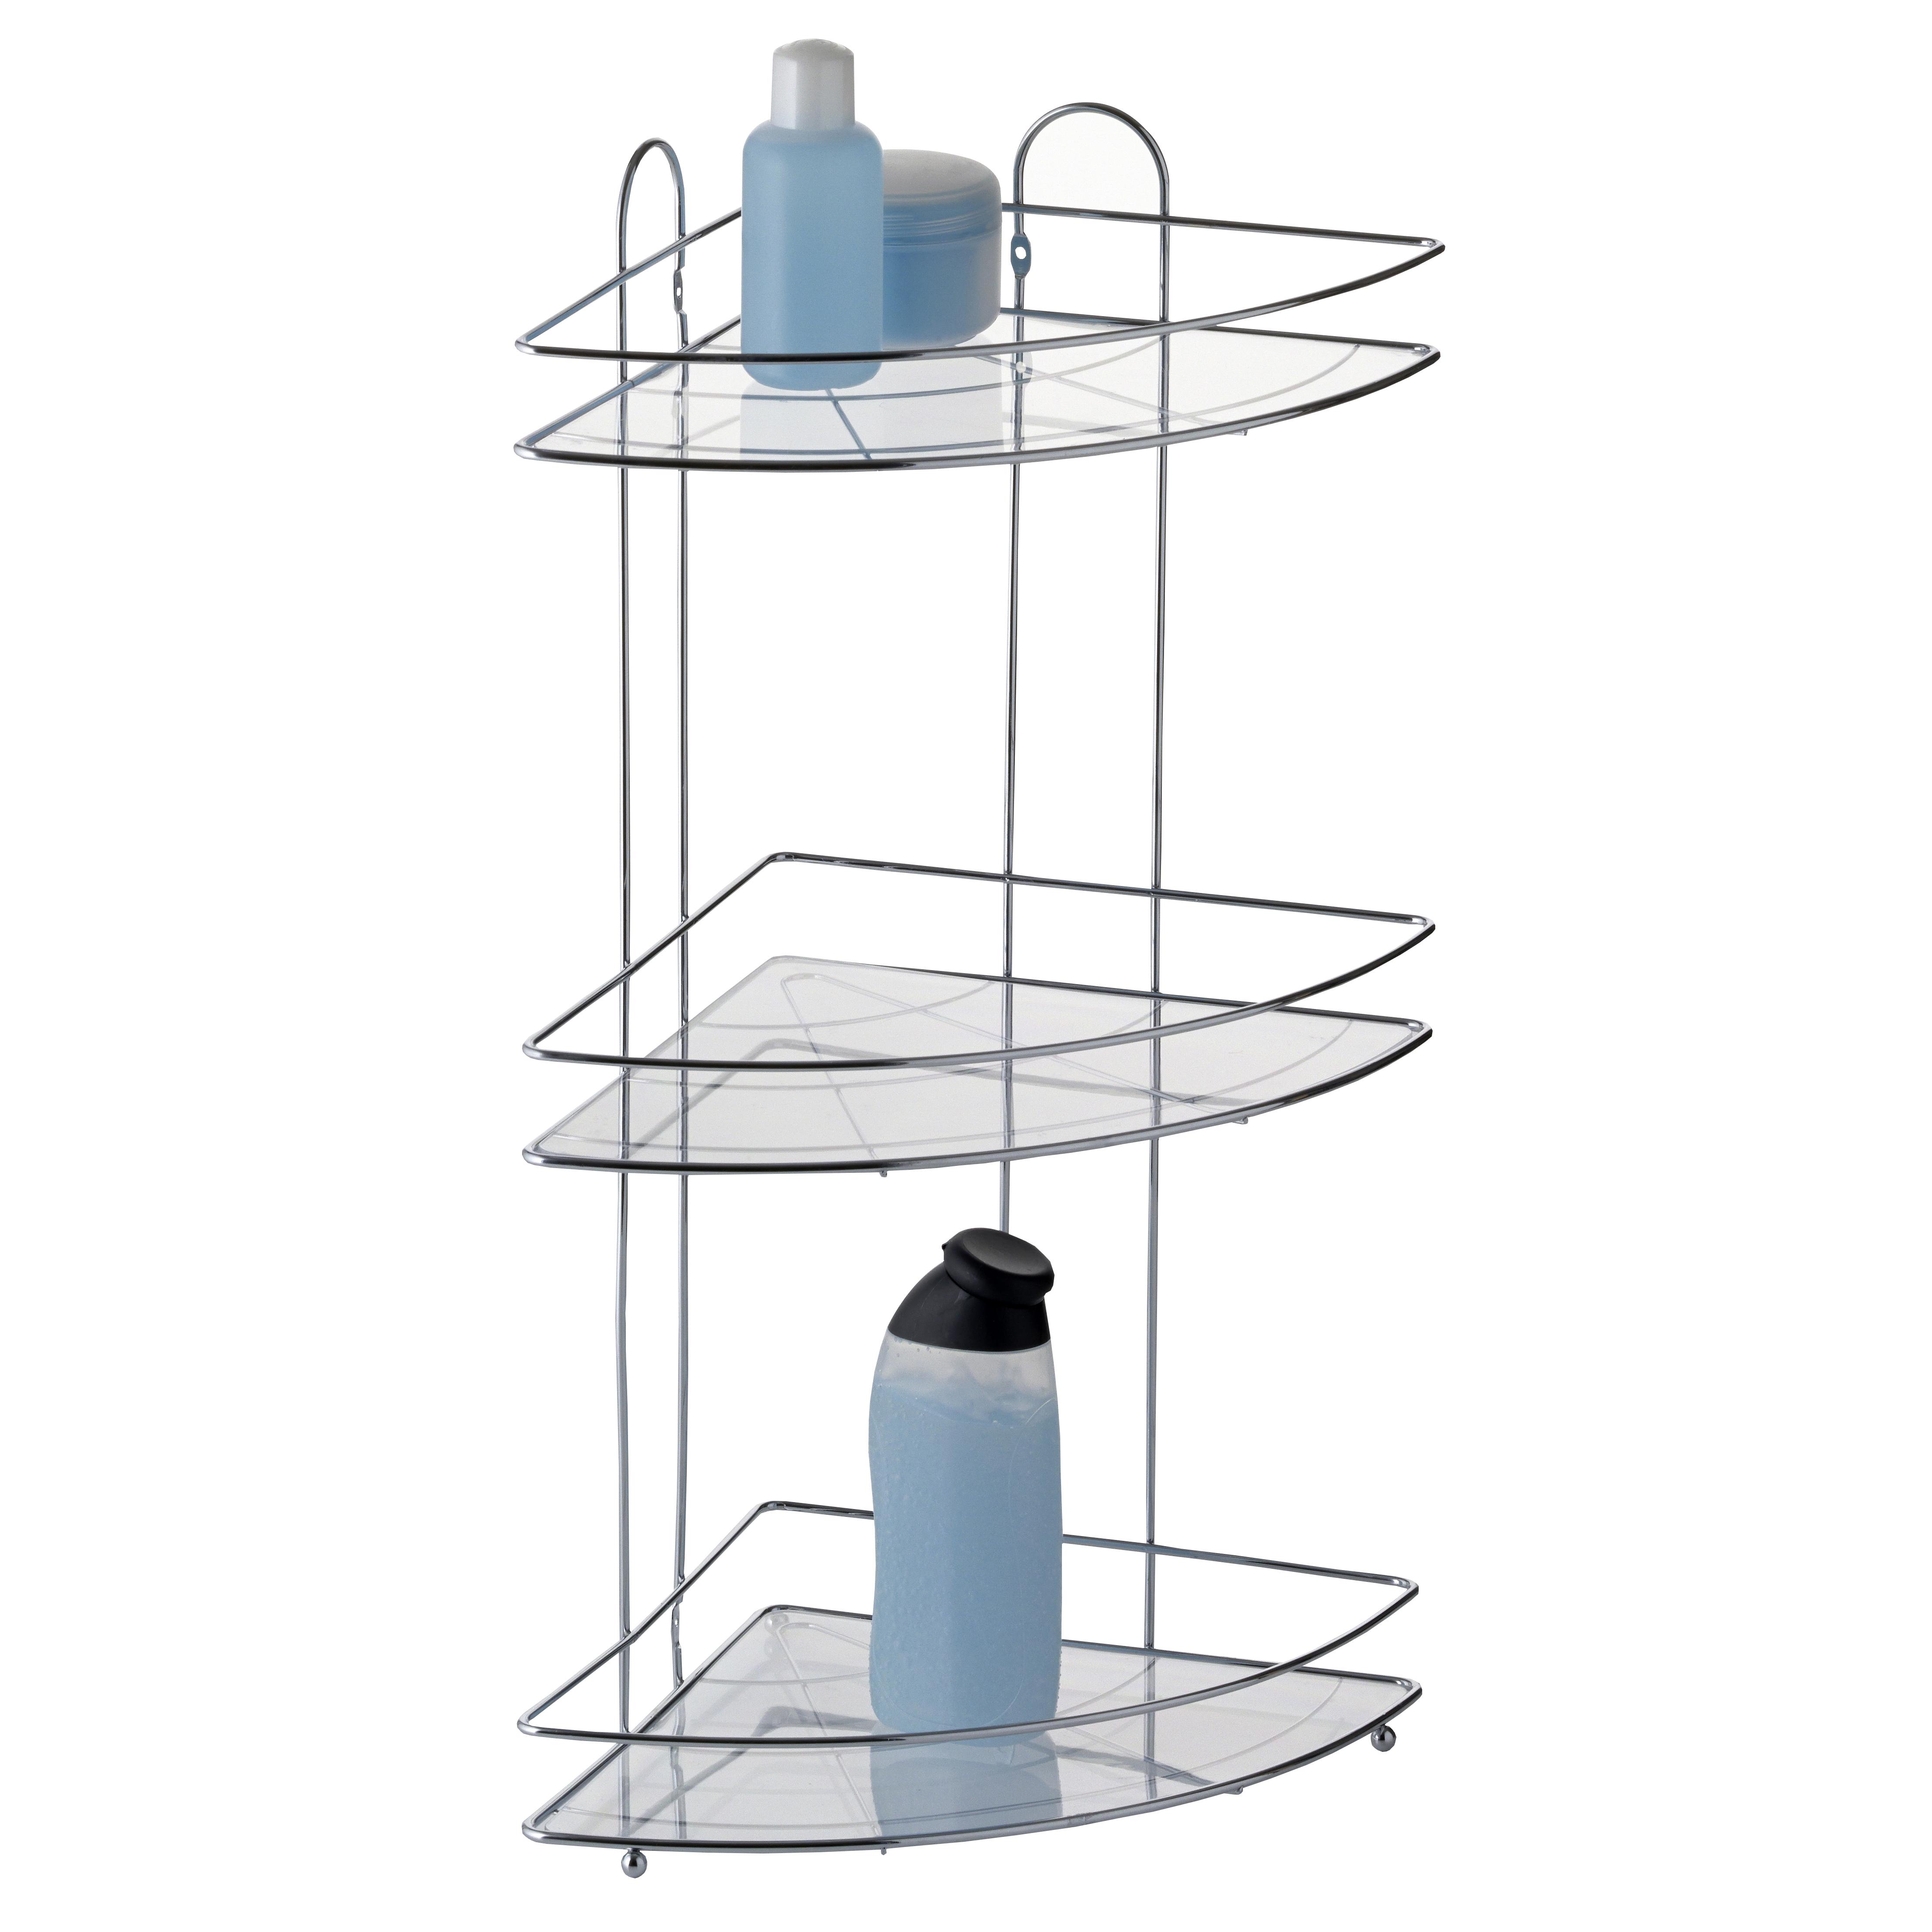 Полка для ванной Axentia, угловая, трехъярусная, 22,5 х 22,5 х 58,5 см282057Трехъярусная полка для ванной Axentia изготовлена из стали с качественным хромированным покрытием, которое на долго защитит изделие от ржавчины в условиях высокой влажности в ванной комнате. Изделие имеет угловую конструкцию и крепится на шурупах (входят в комплект). Классический дизайн и оптимальная вместимость подойдет для любого интерьера ванной комнаты или кухни.